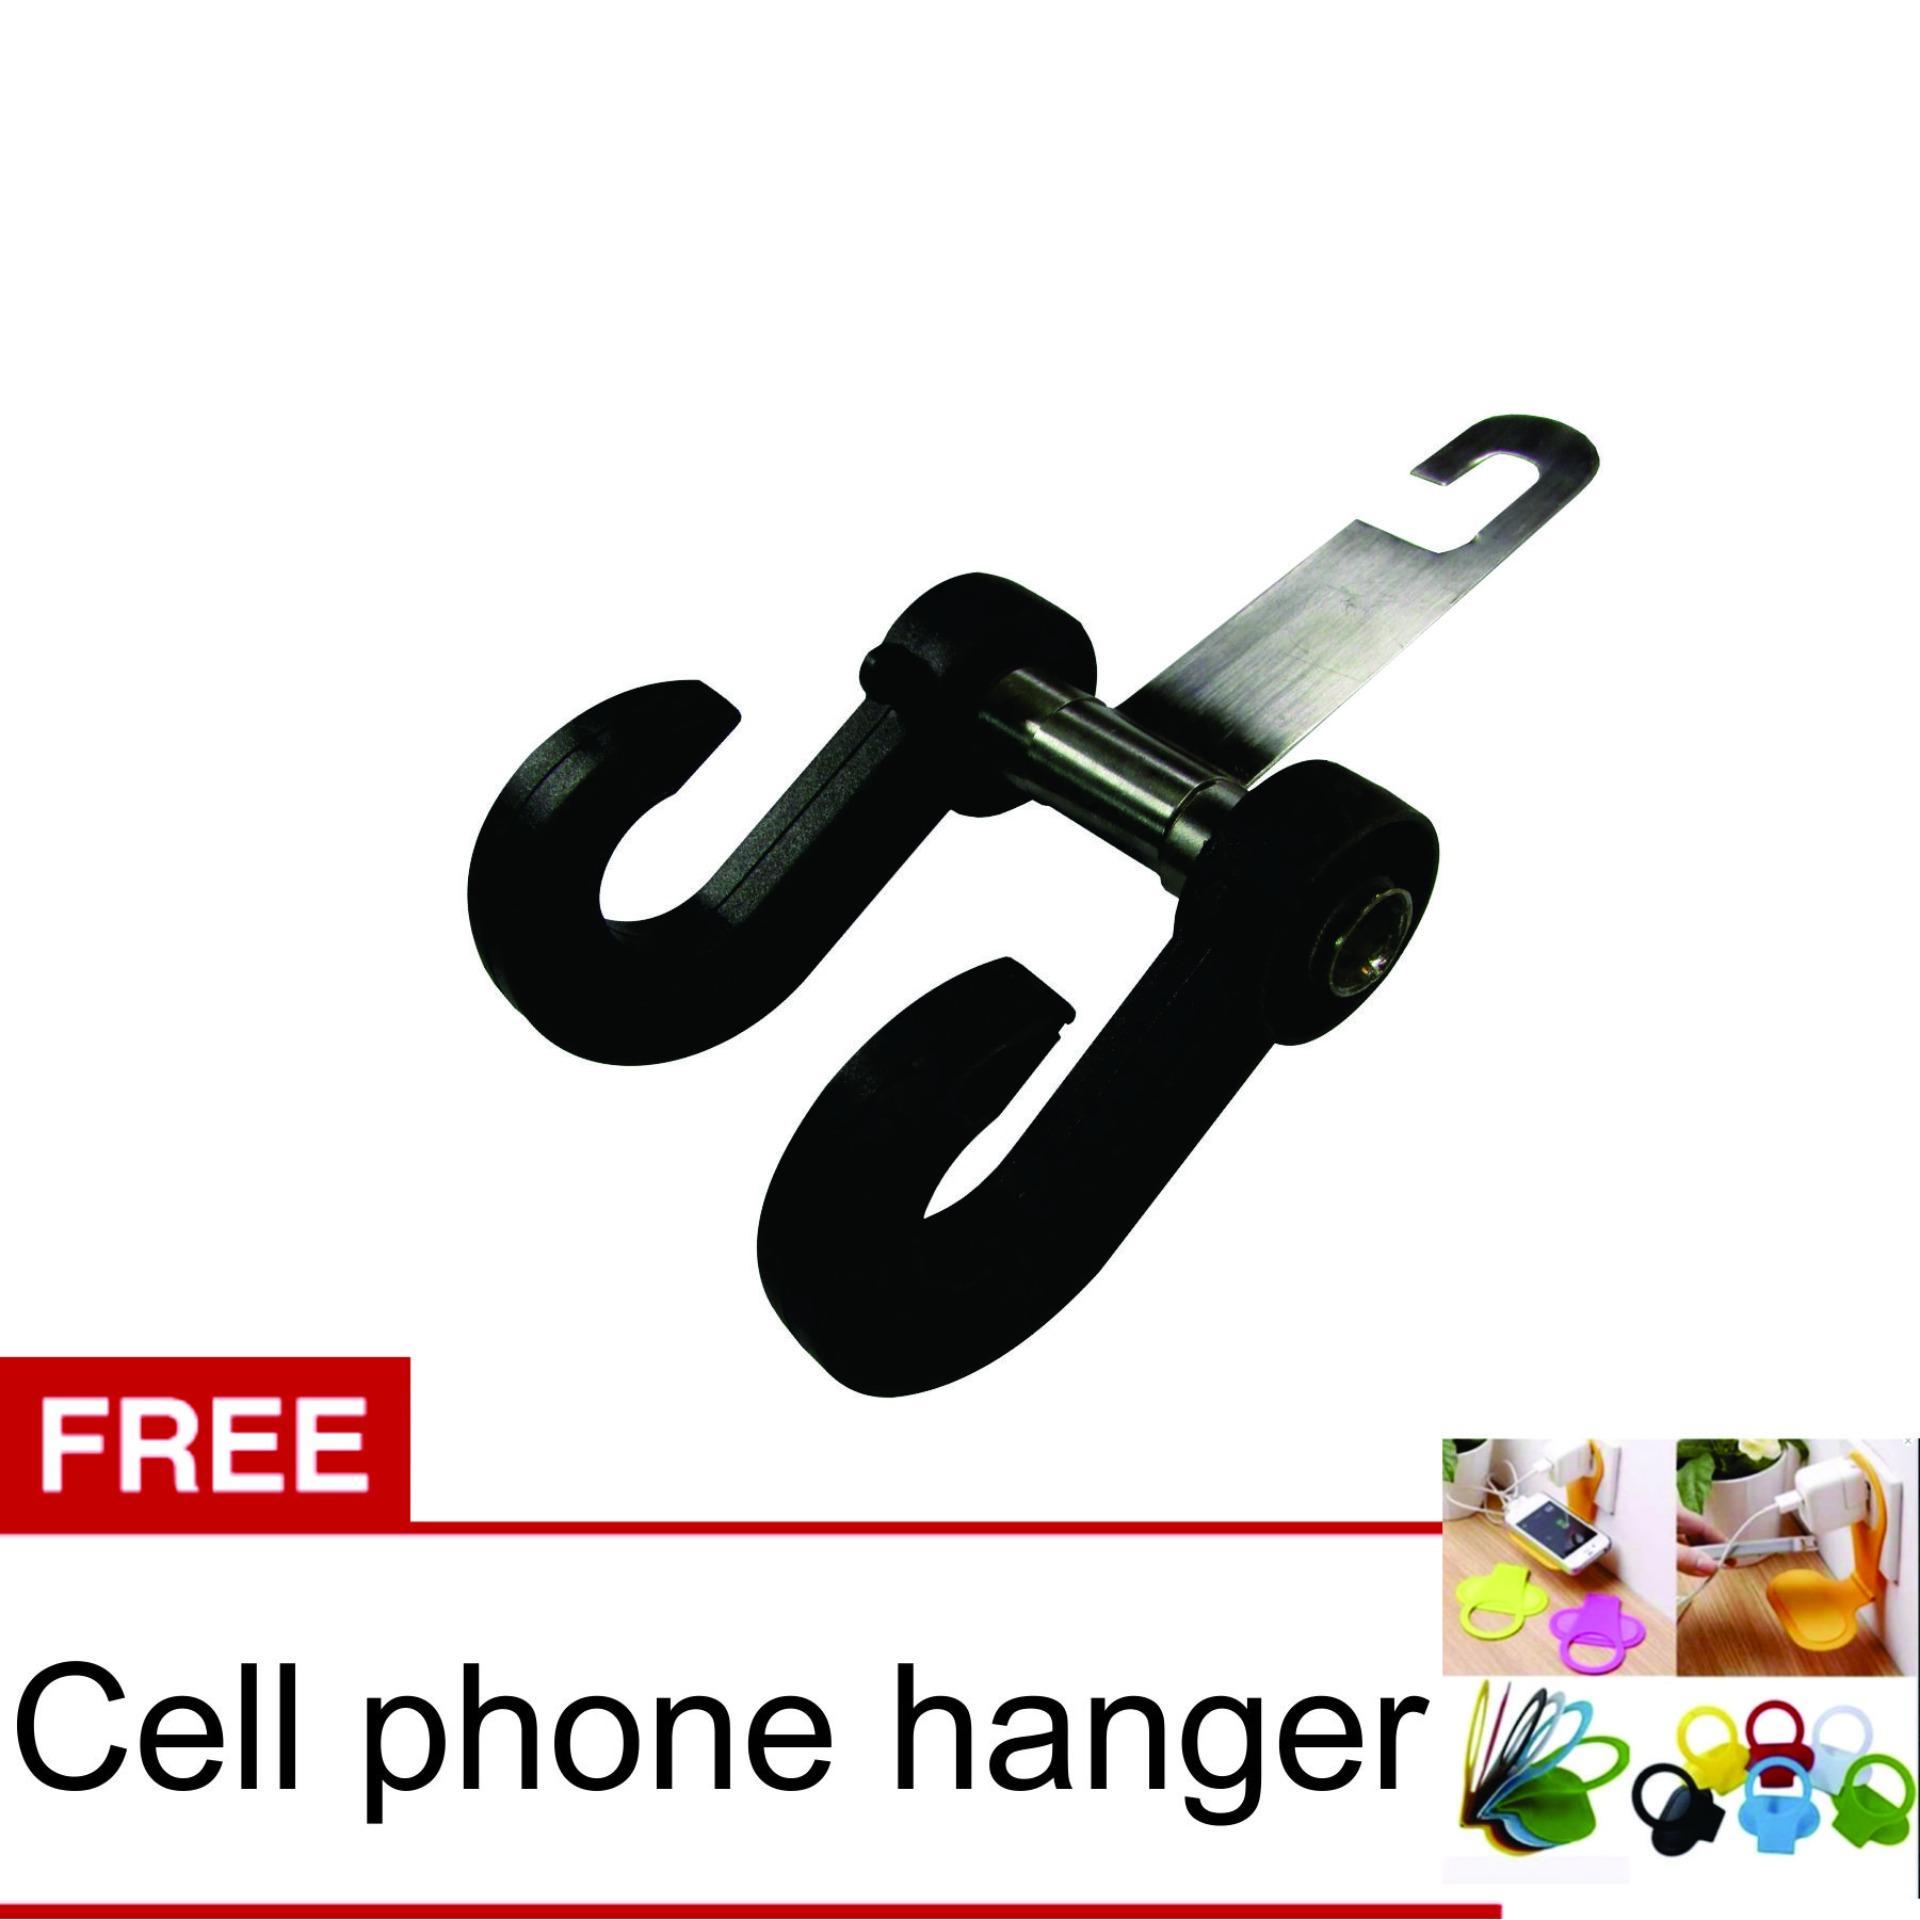 Flash Sale Lanjarjaya New Car Hanger Aksesoris Gantungan kursi jok di Mobil -Hitam + Cell Phone Hanger